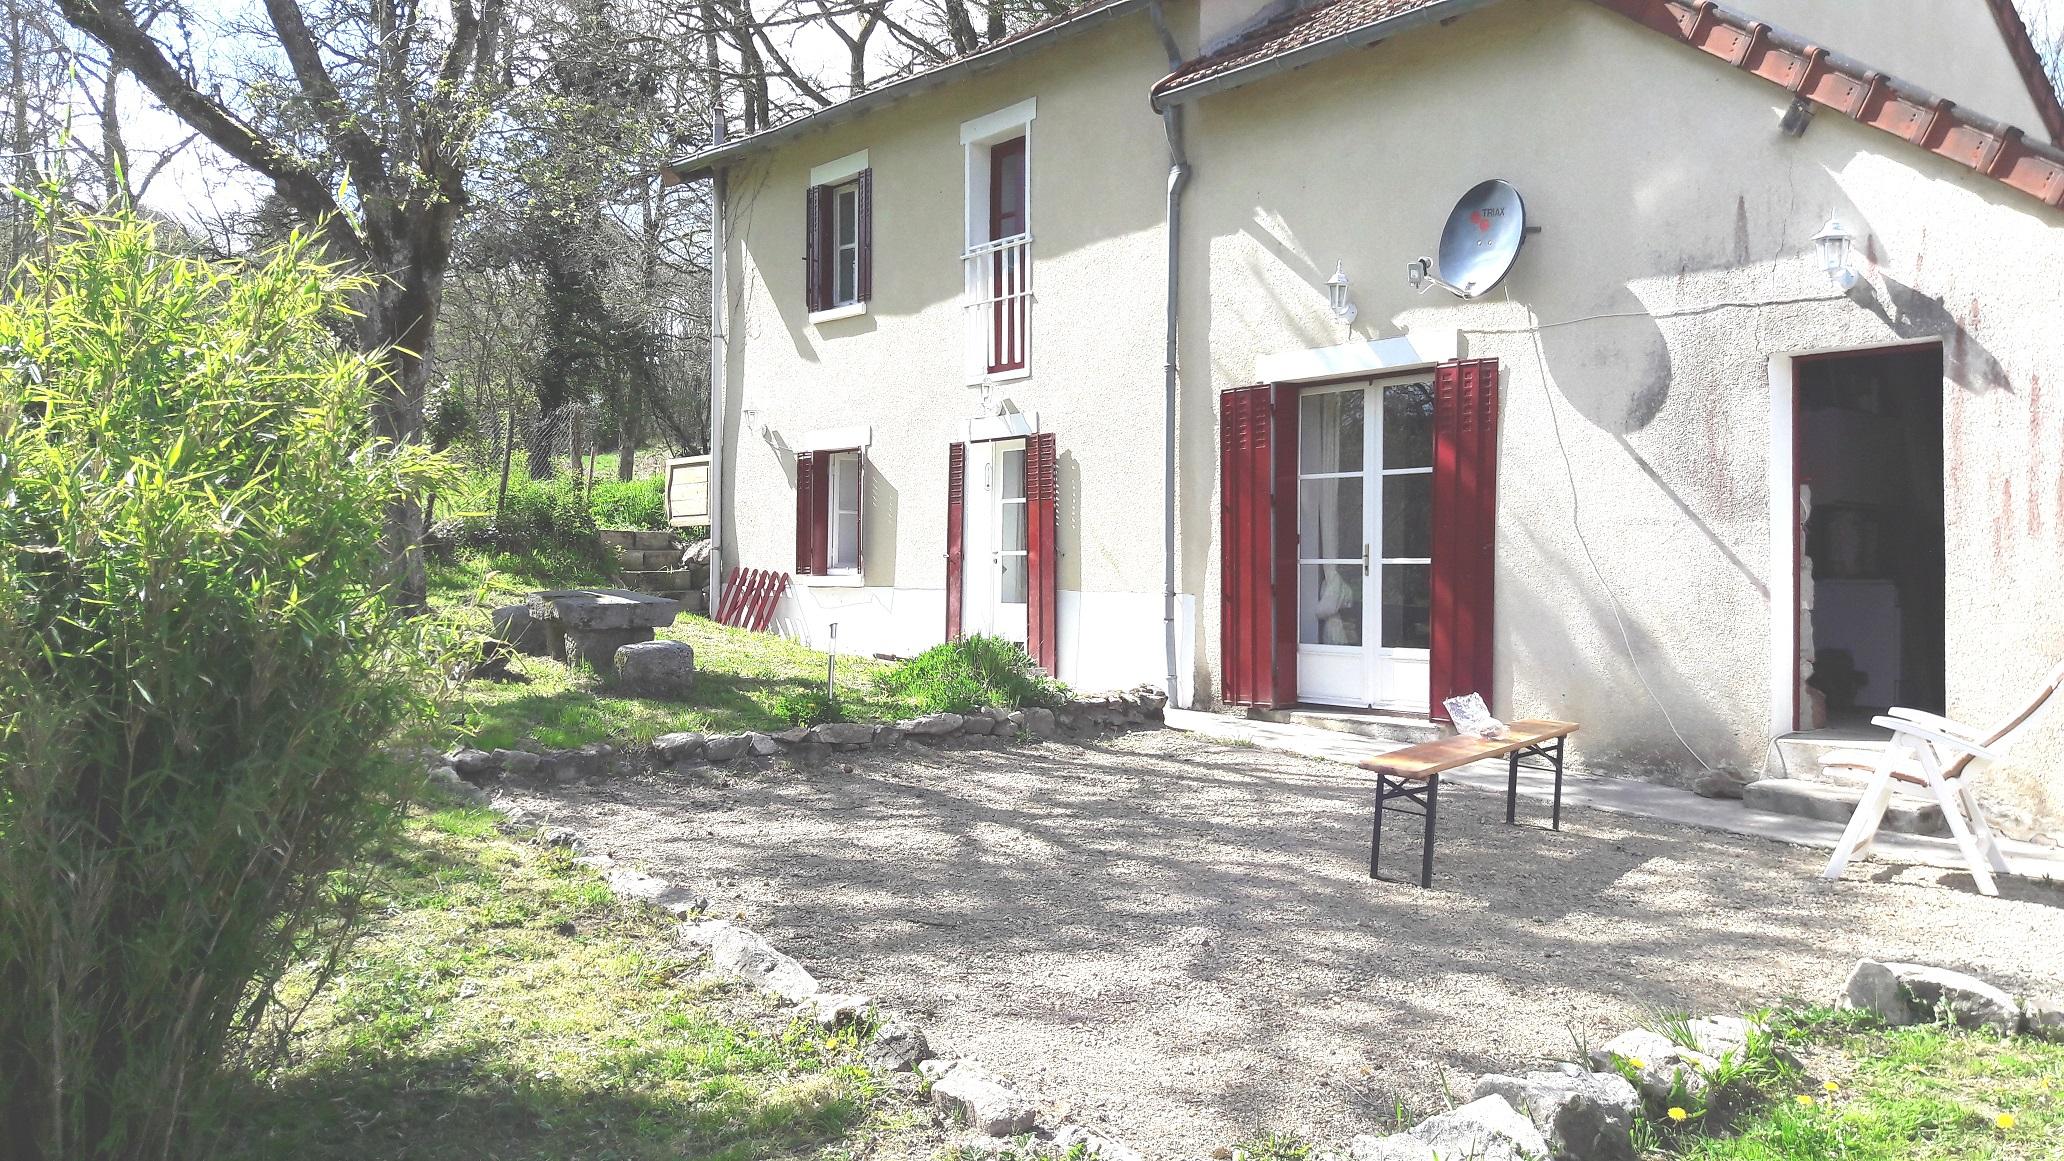 Ons vakantiehuis in de práchtige Nouvelle- Aquitaine